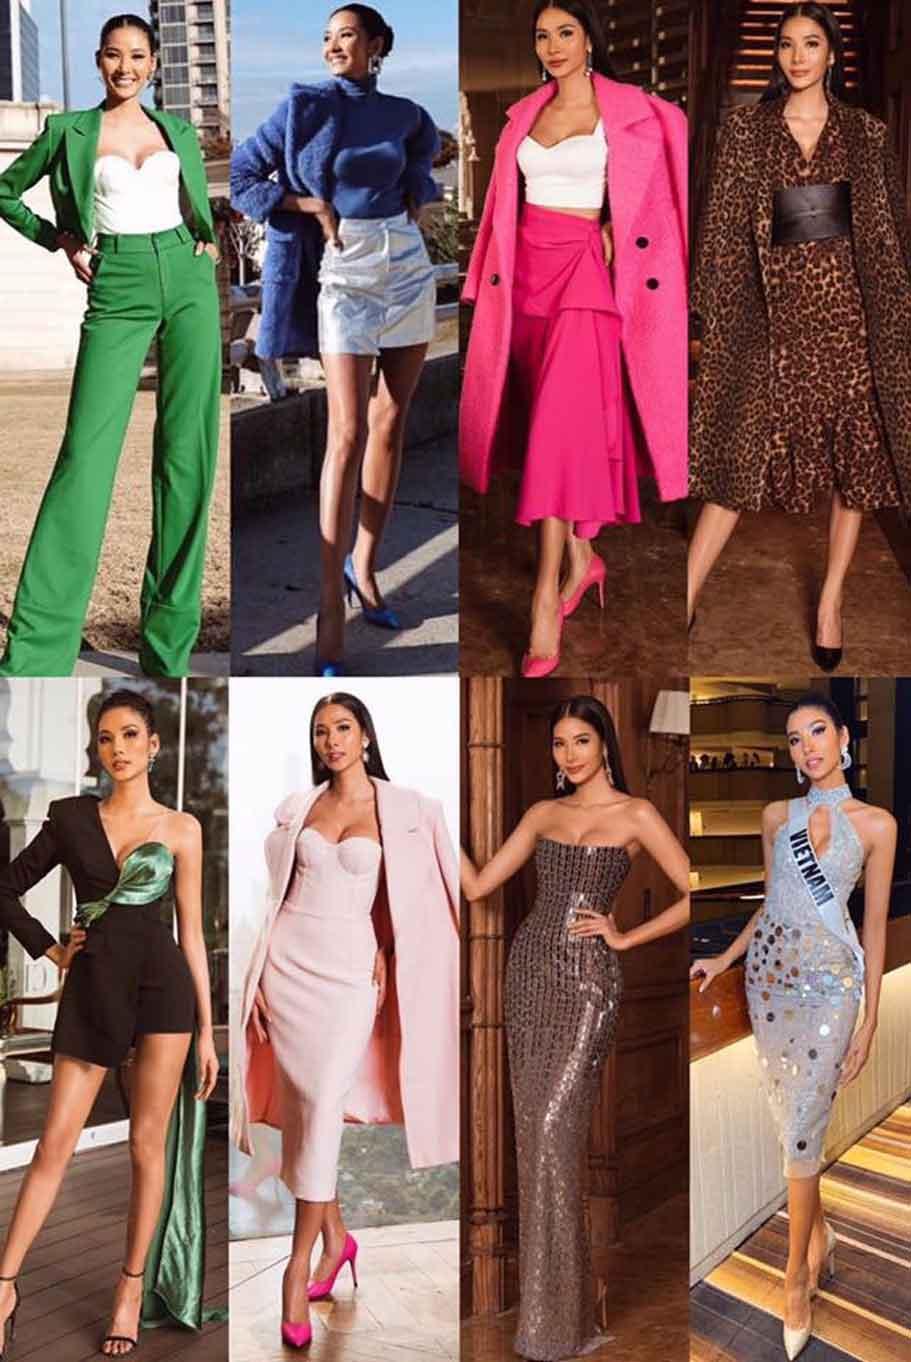 Đến với Hoa hậu Hoàn vũ 2019, khán giả có dịp chiêm ngưỡng hàng loạt trang phục cực đỉnh từ Hoàng Thùy. Nhiều người hâm mộ vui tính còn cho rằng, chân dài Thanh Hóa như đang trình diễn một bộ sưu tập thời trang.